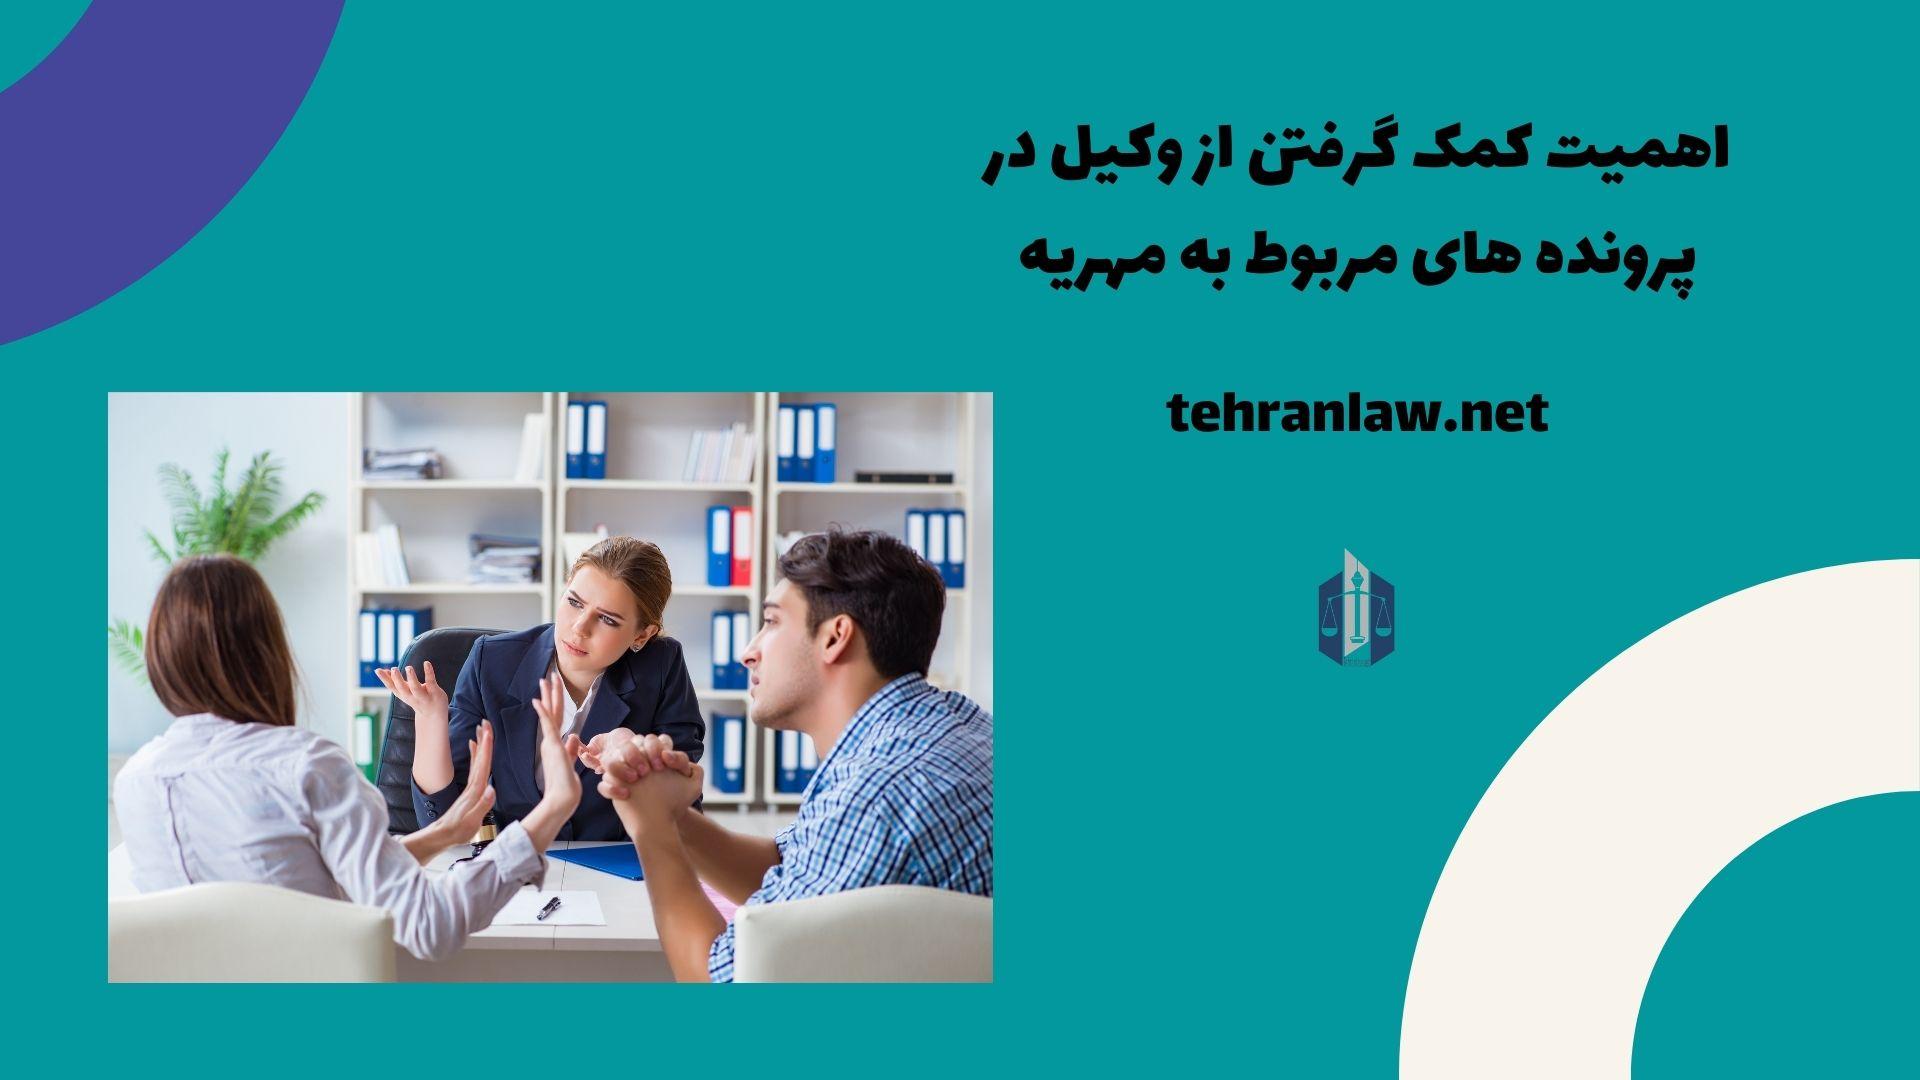 اهمیت کمک گرفتن از وکیل در پرونده های مربوط به مهریه